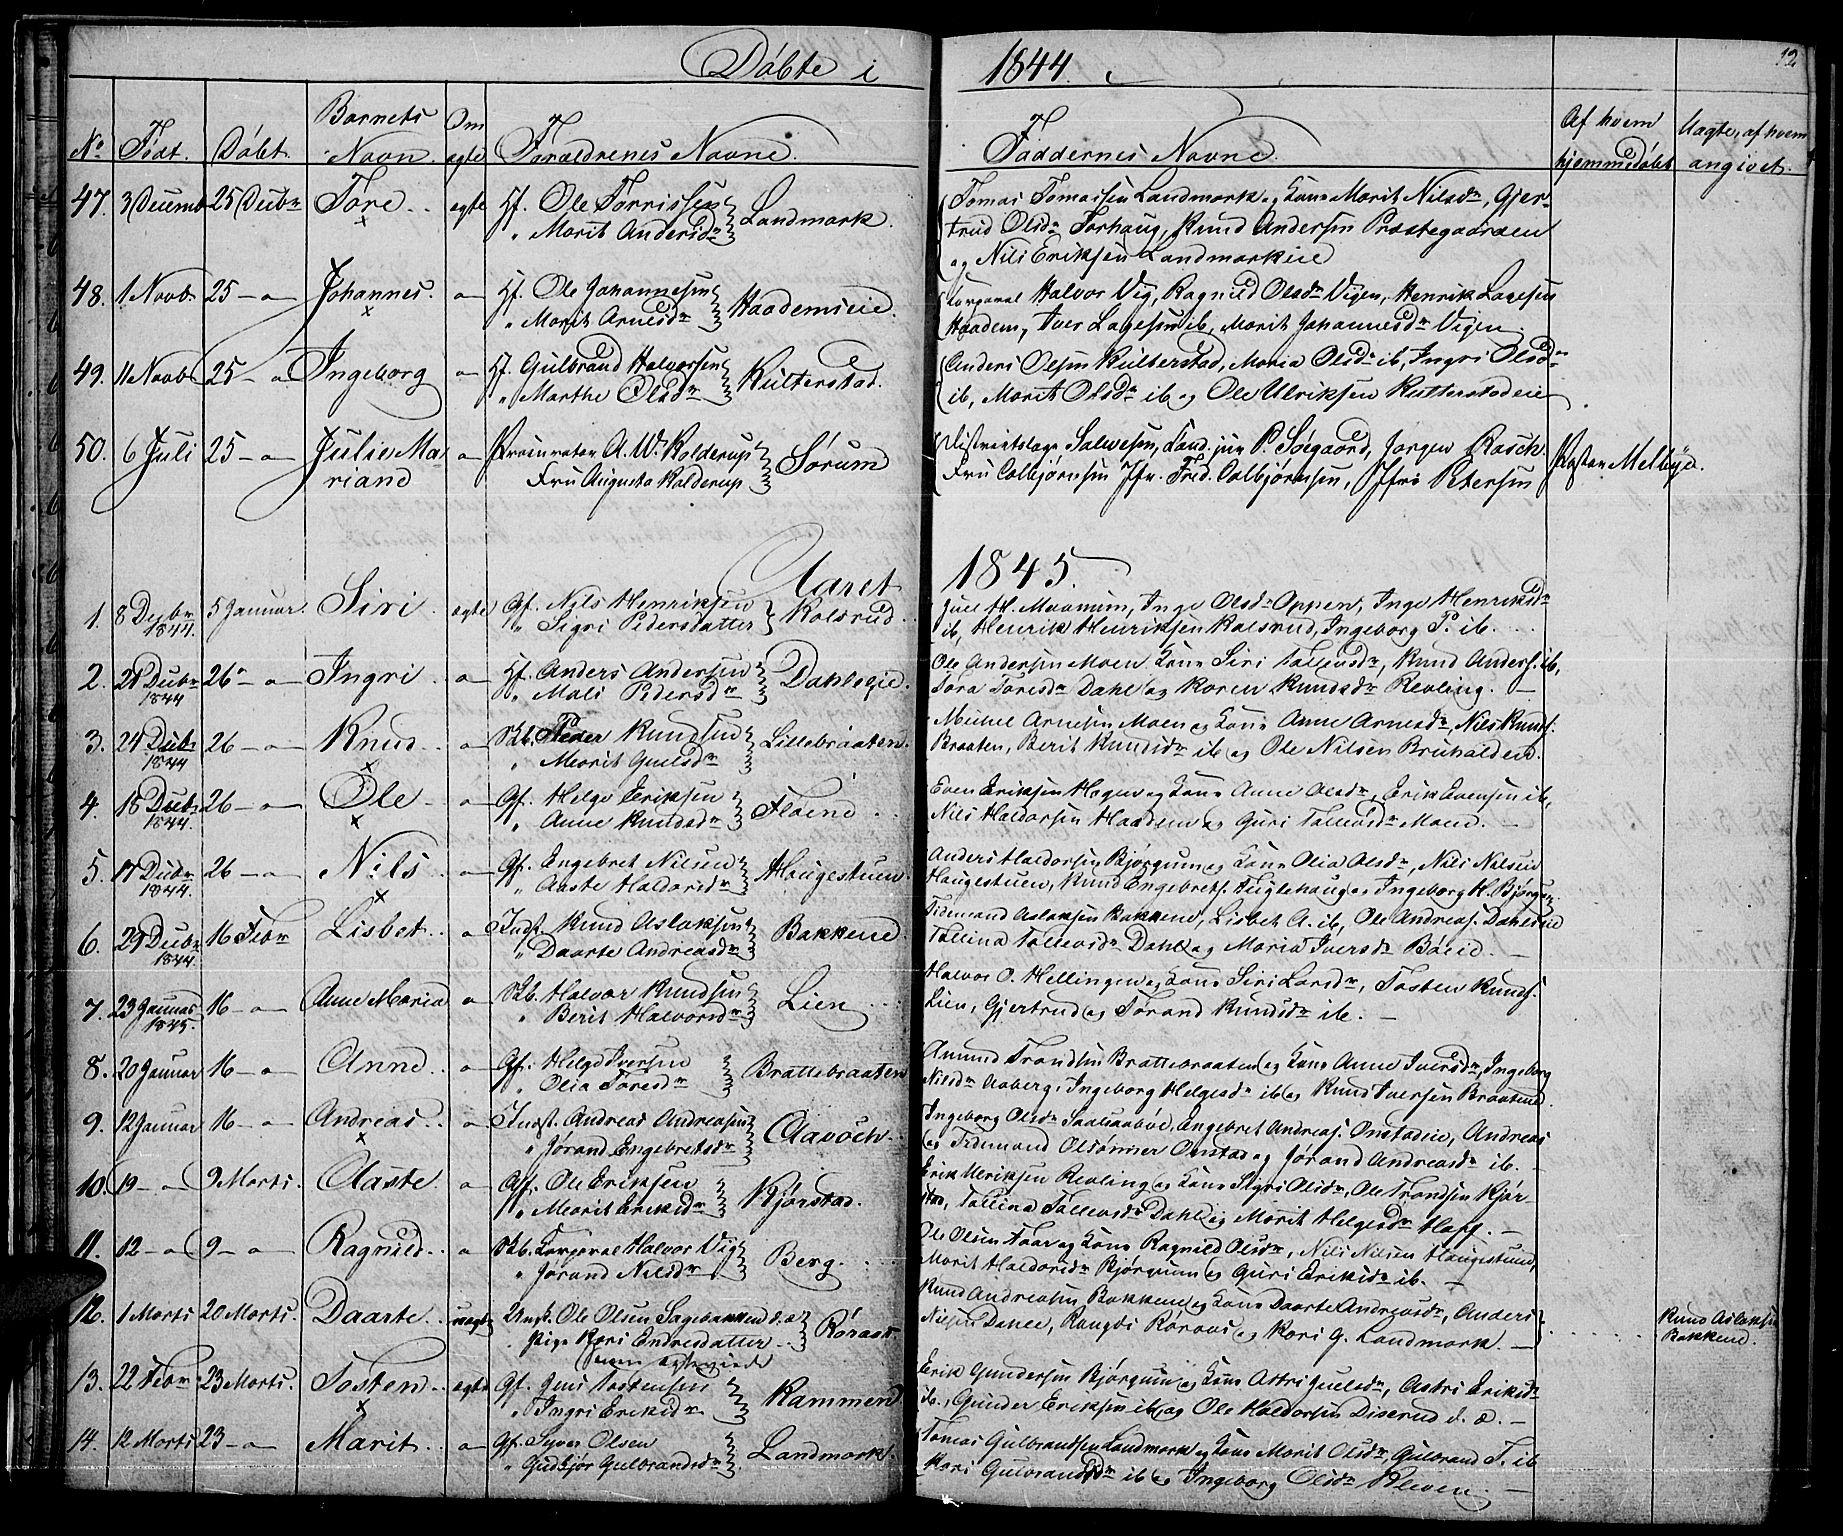 SAH, Nord-Aurdal prestekontor, Klokkerbok nr. 2, 1842-1877, s. 12